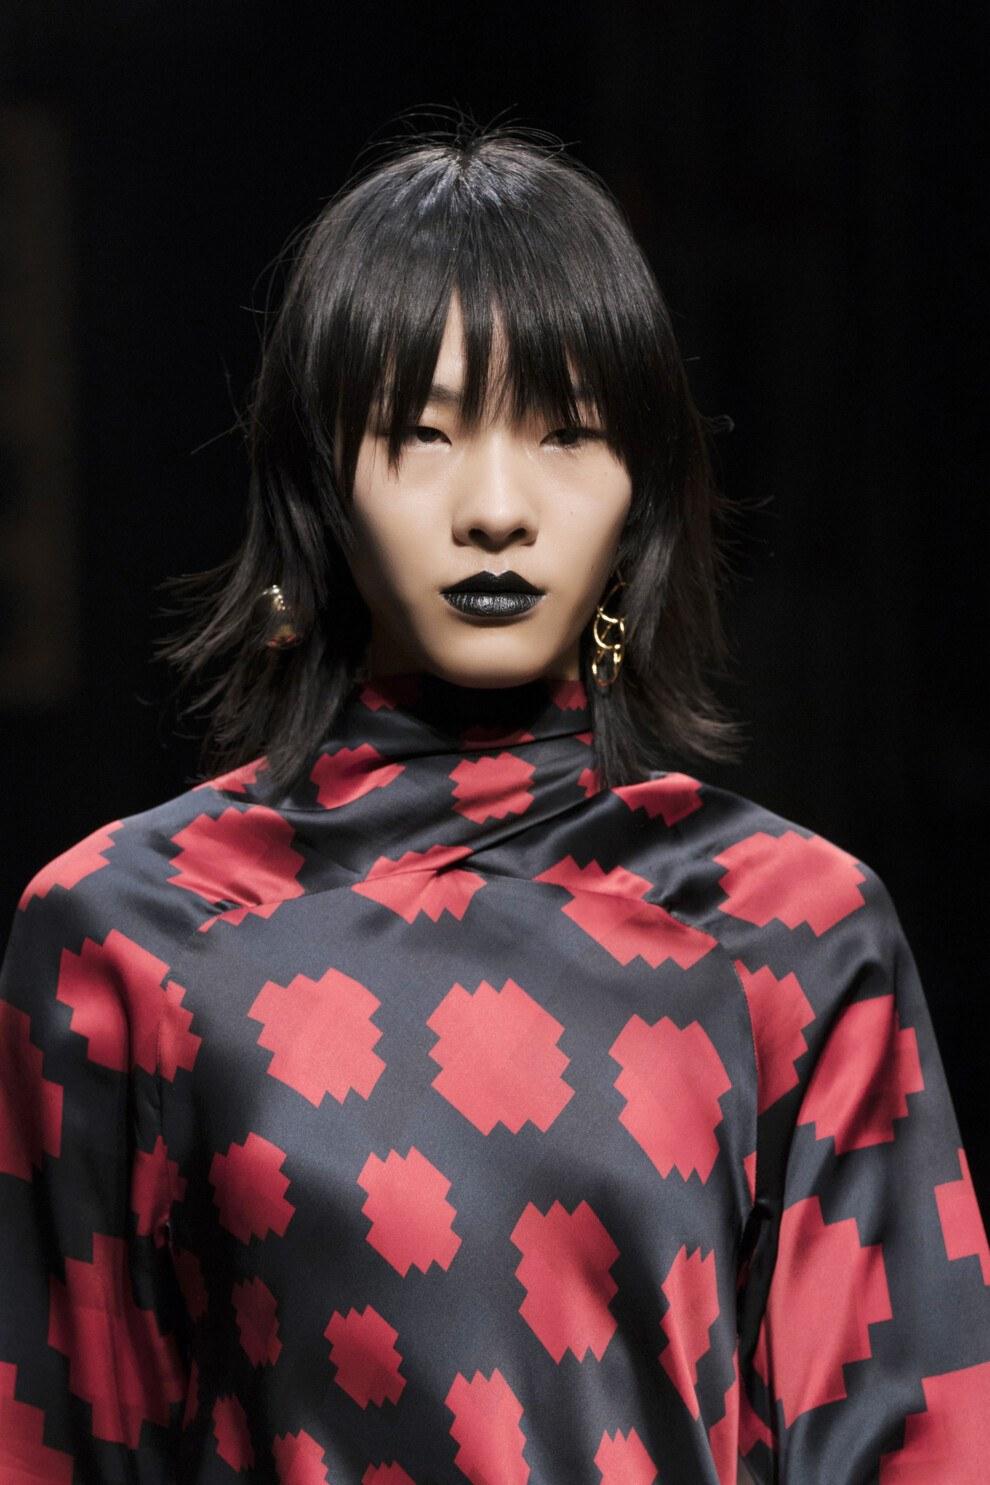 Tahun 2020 Model Rambut Panjang 2020 - Model Rambut Indonesia